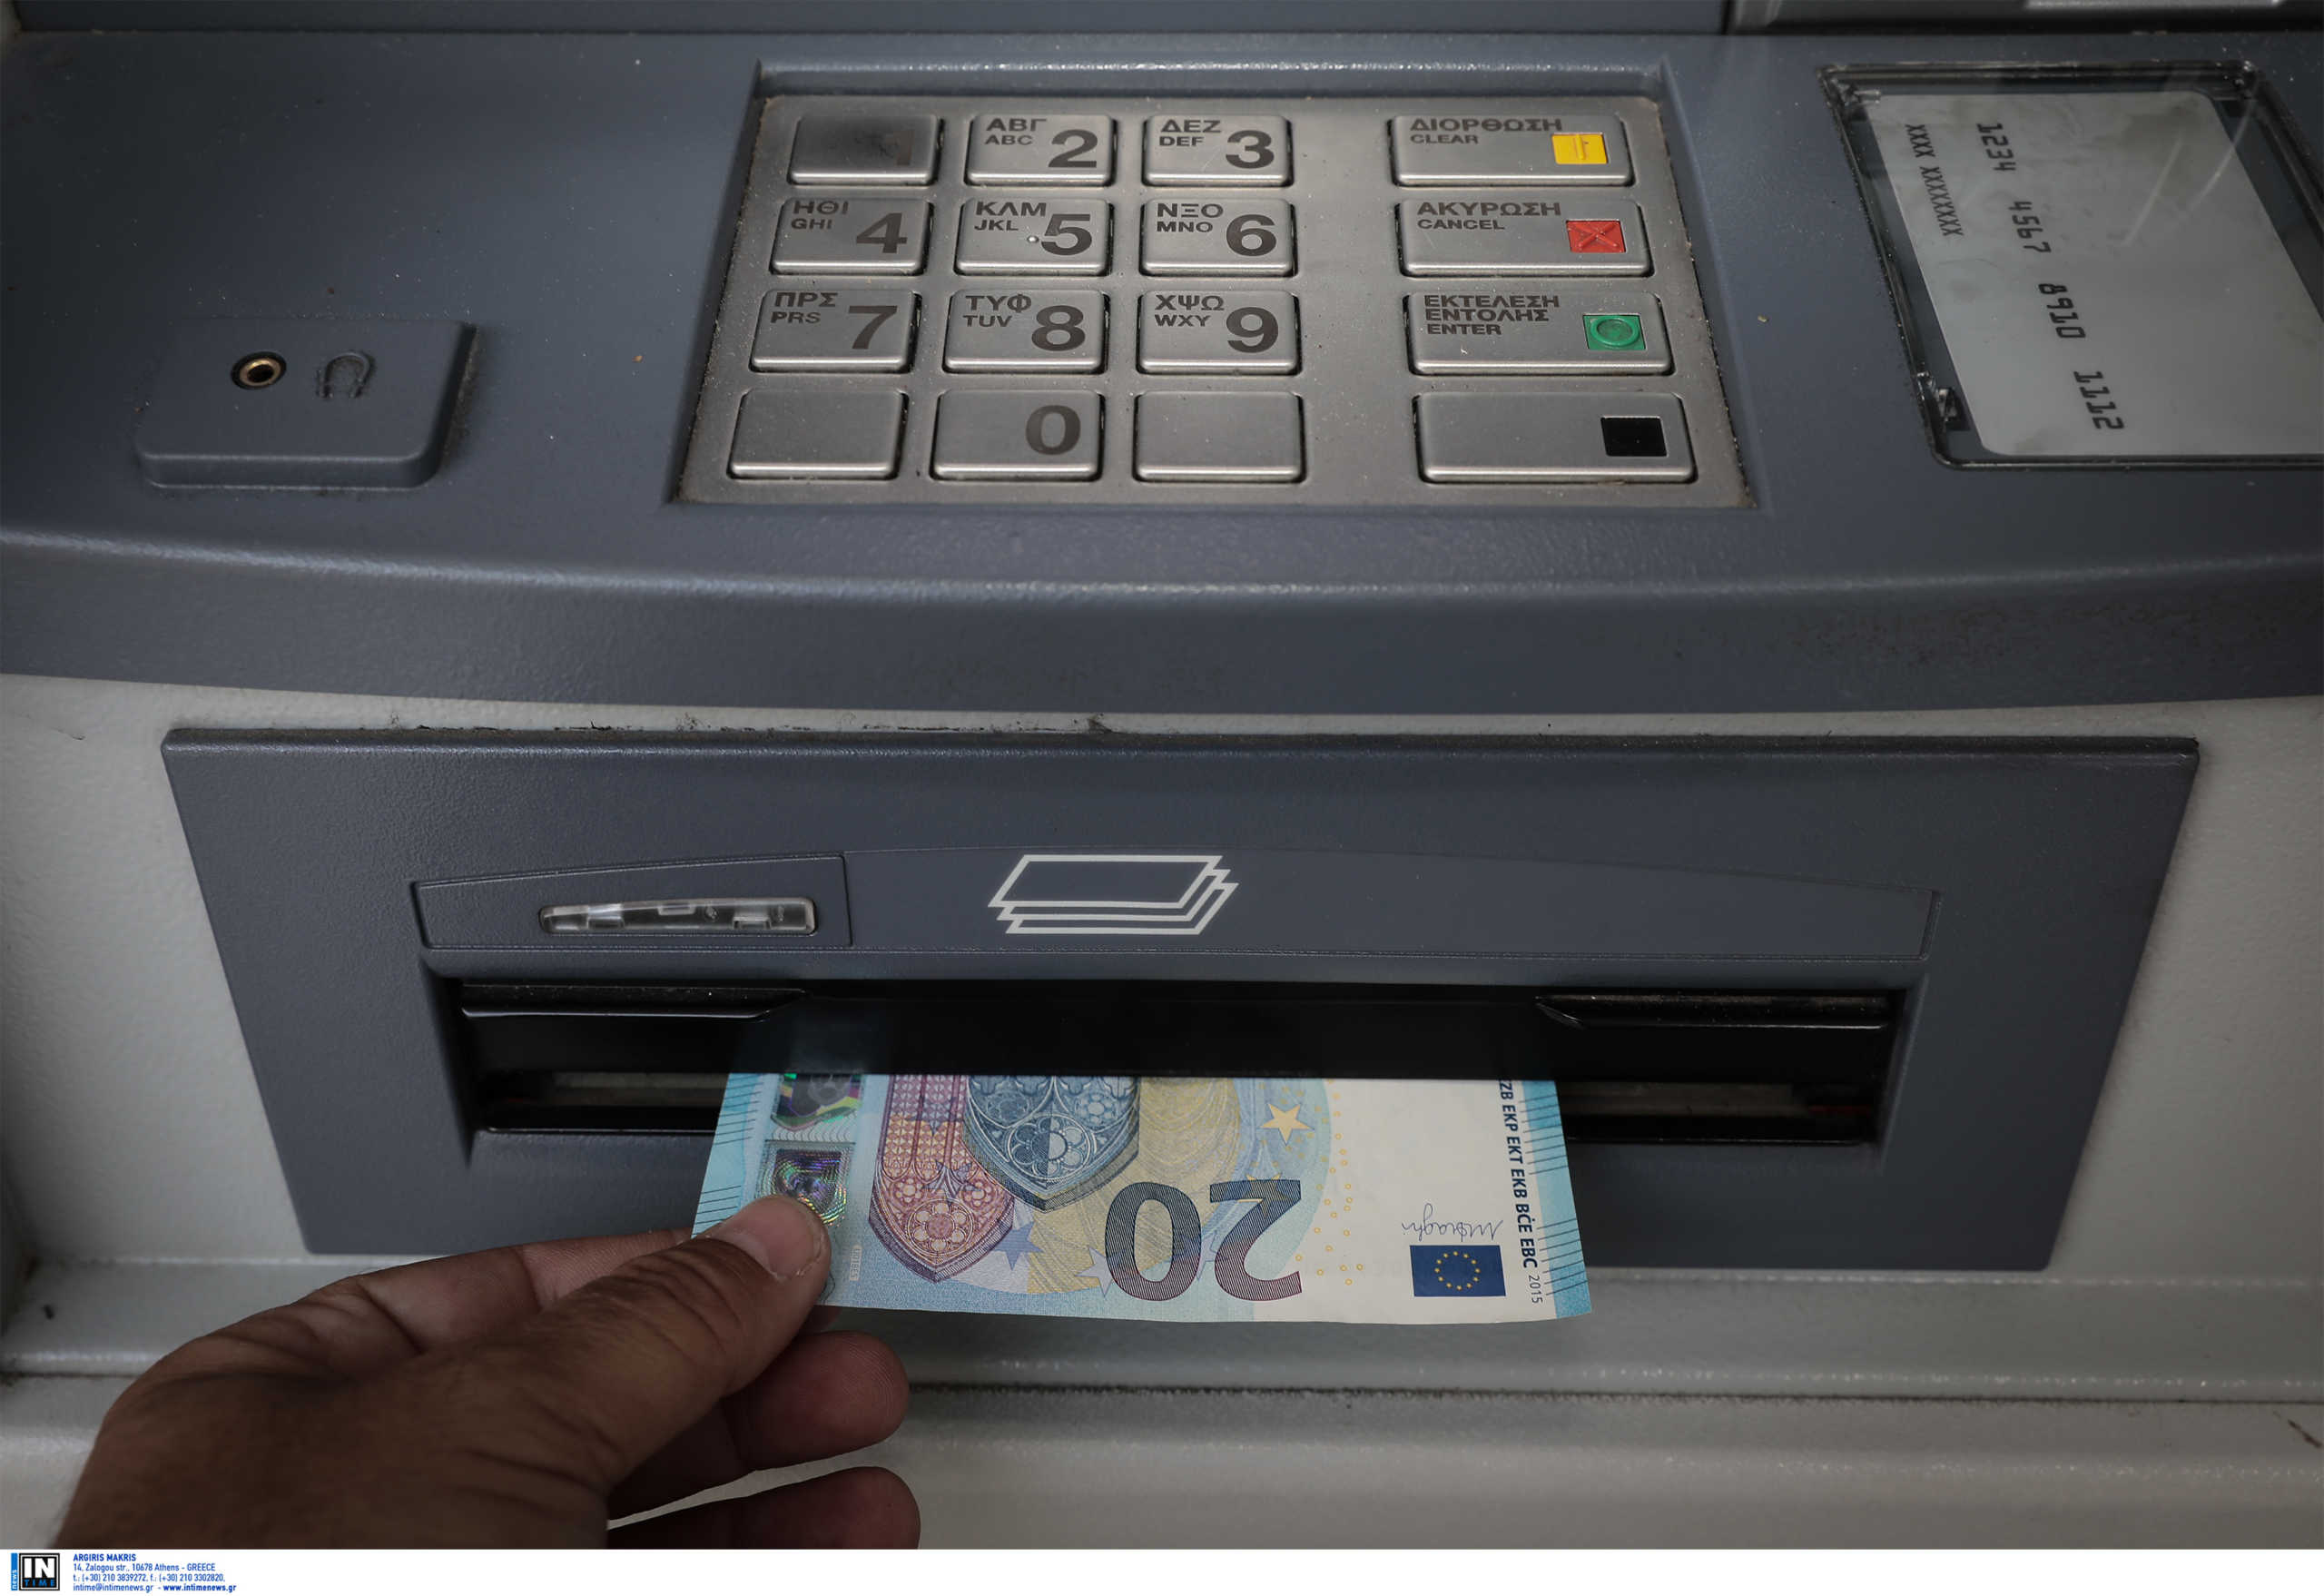 Κατασχέσεις μισθών και επιδομάτων από λογαριασμούς… που είναι ακατάσχετοι! Τι καταγγέλλει η Ένωση Καταναλωτών